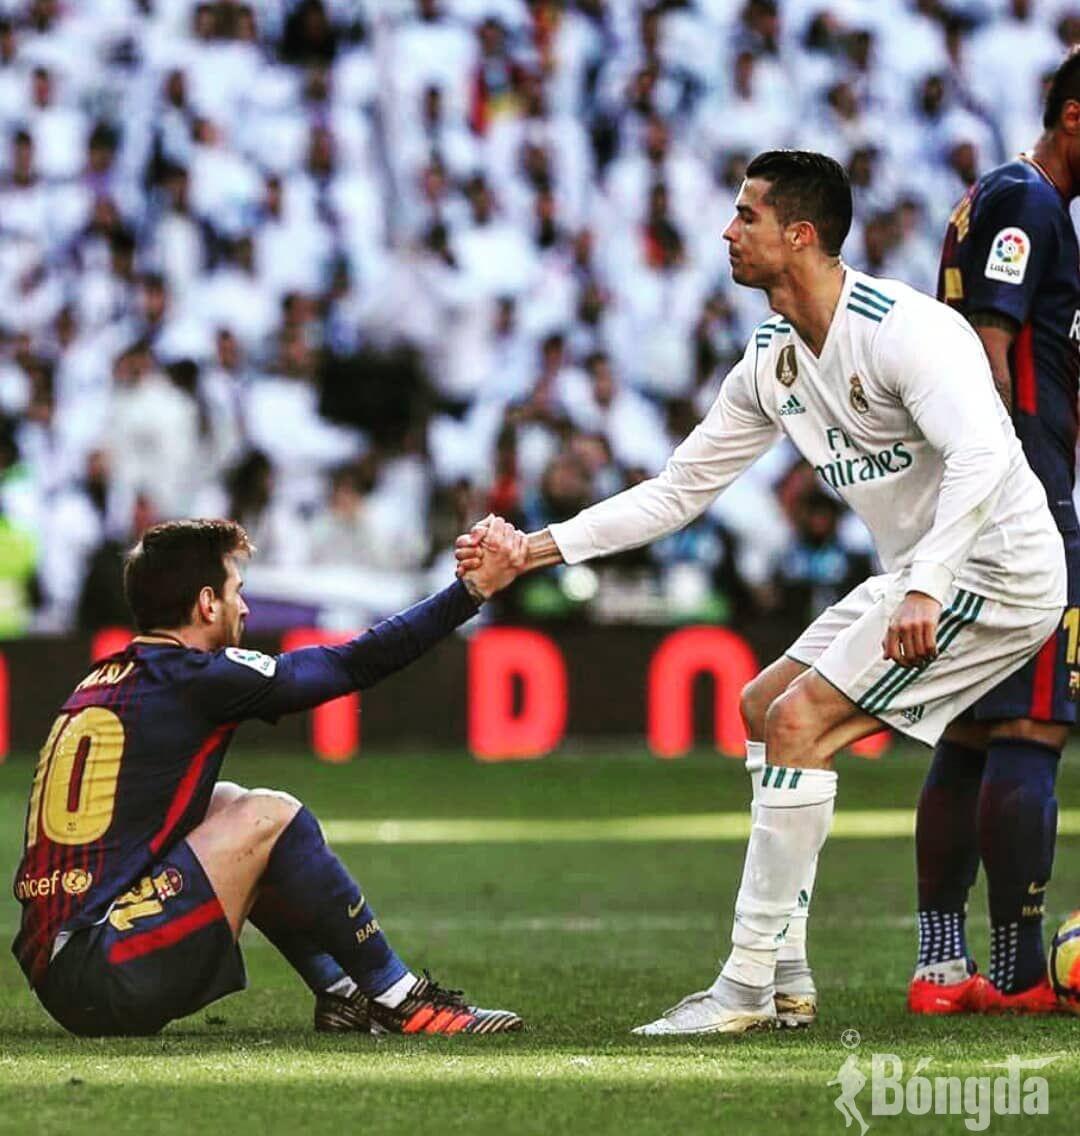 Chuyển nhượng HOT La liga : Barcelona muốn độc chiếm Messi và Ronaldo